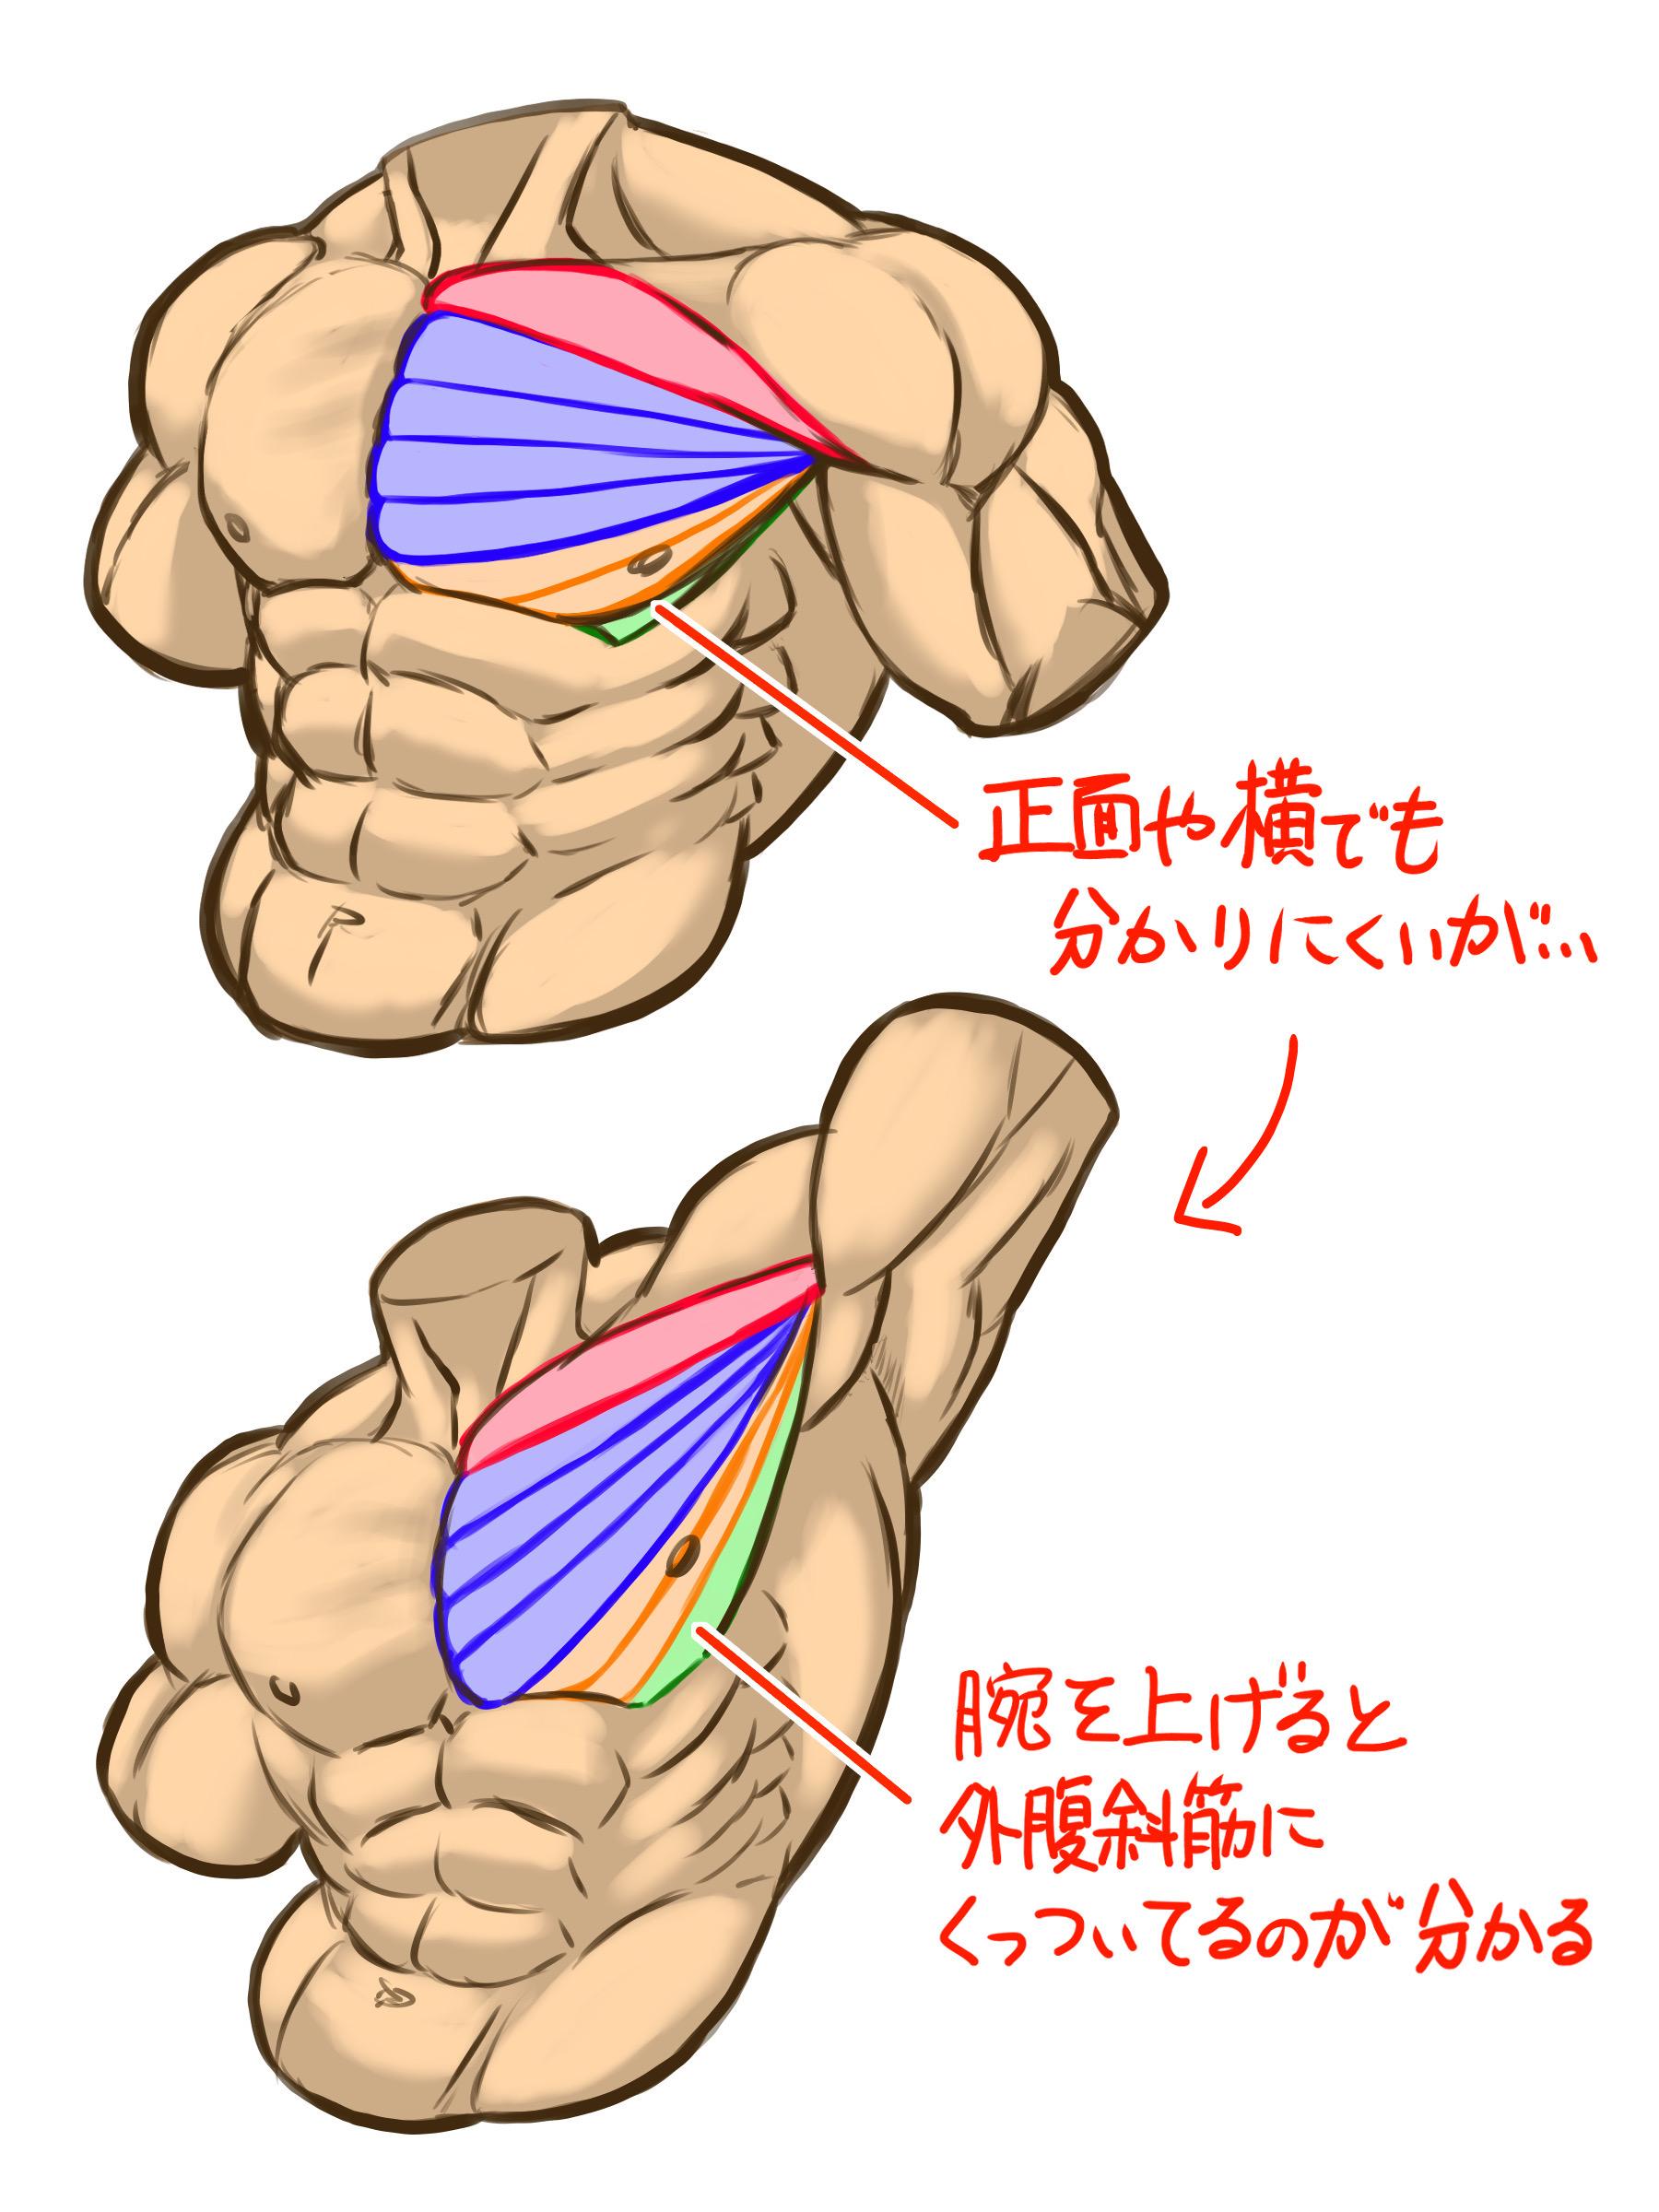 大胸筋下部の外腹斜筋から上腕骨にかけての部分はほぼ隠れて見えませんが、腕を上に上げたときに腹筋の上側にくっついて見えると思います。